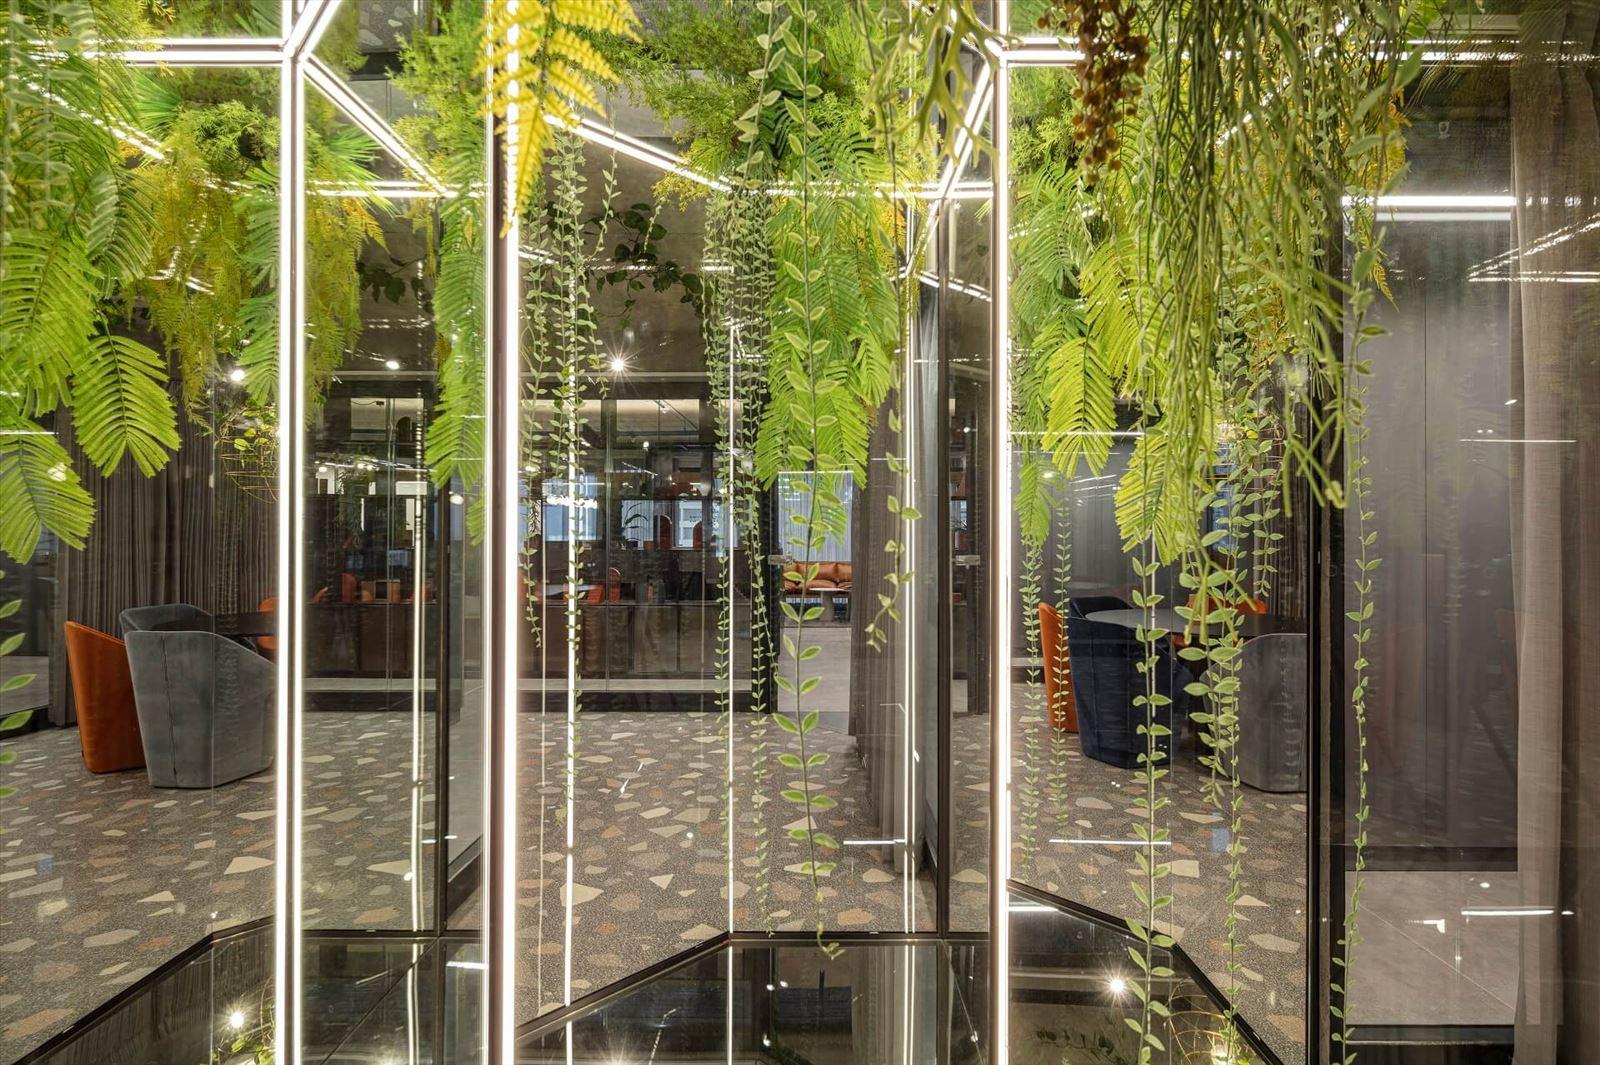 פרויקט תאורה משולבת צמחיה מבית קמחי תאורה